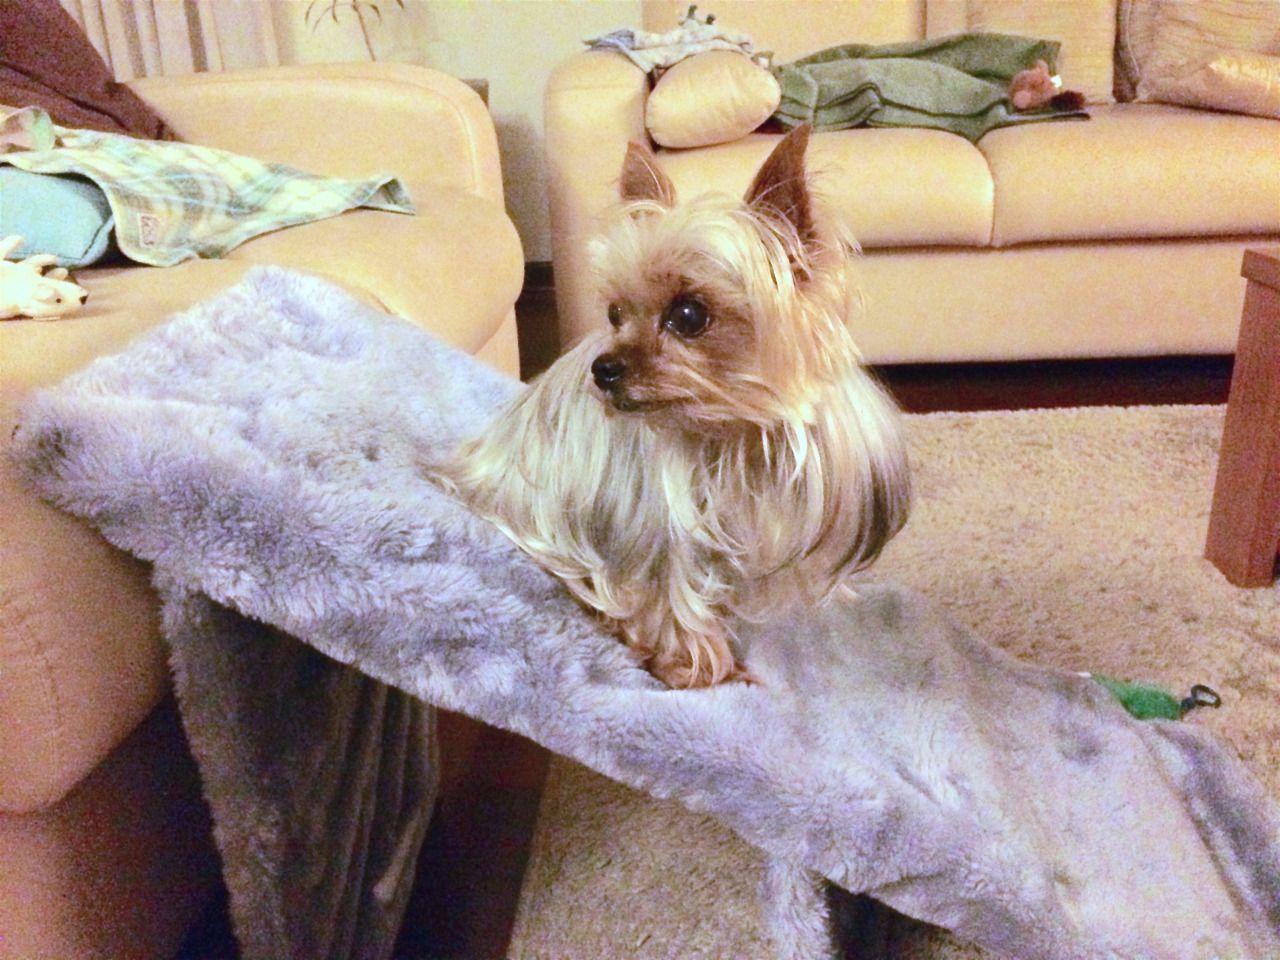 RAMPA PORTÁTIL PARA CACHORRO Meu cachorro está ficando idoso e faz muito esforço para subir e descer do sofá, e como a escadinha de cachorro também demanda esforço, resolvi criar essa rampa feita com...